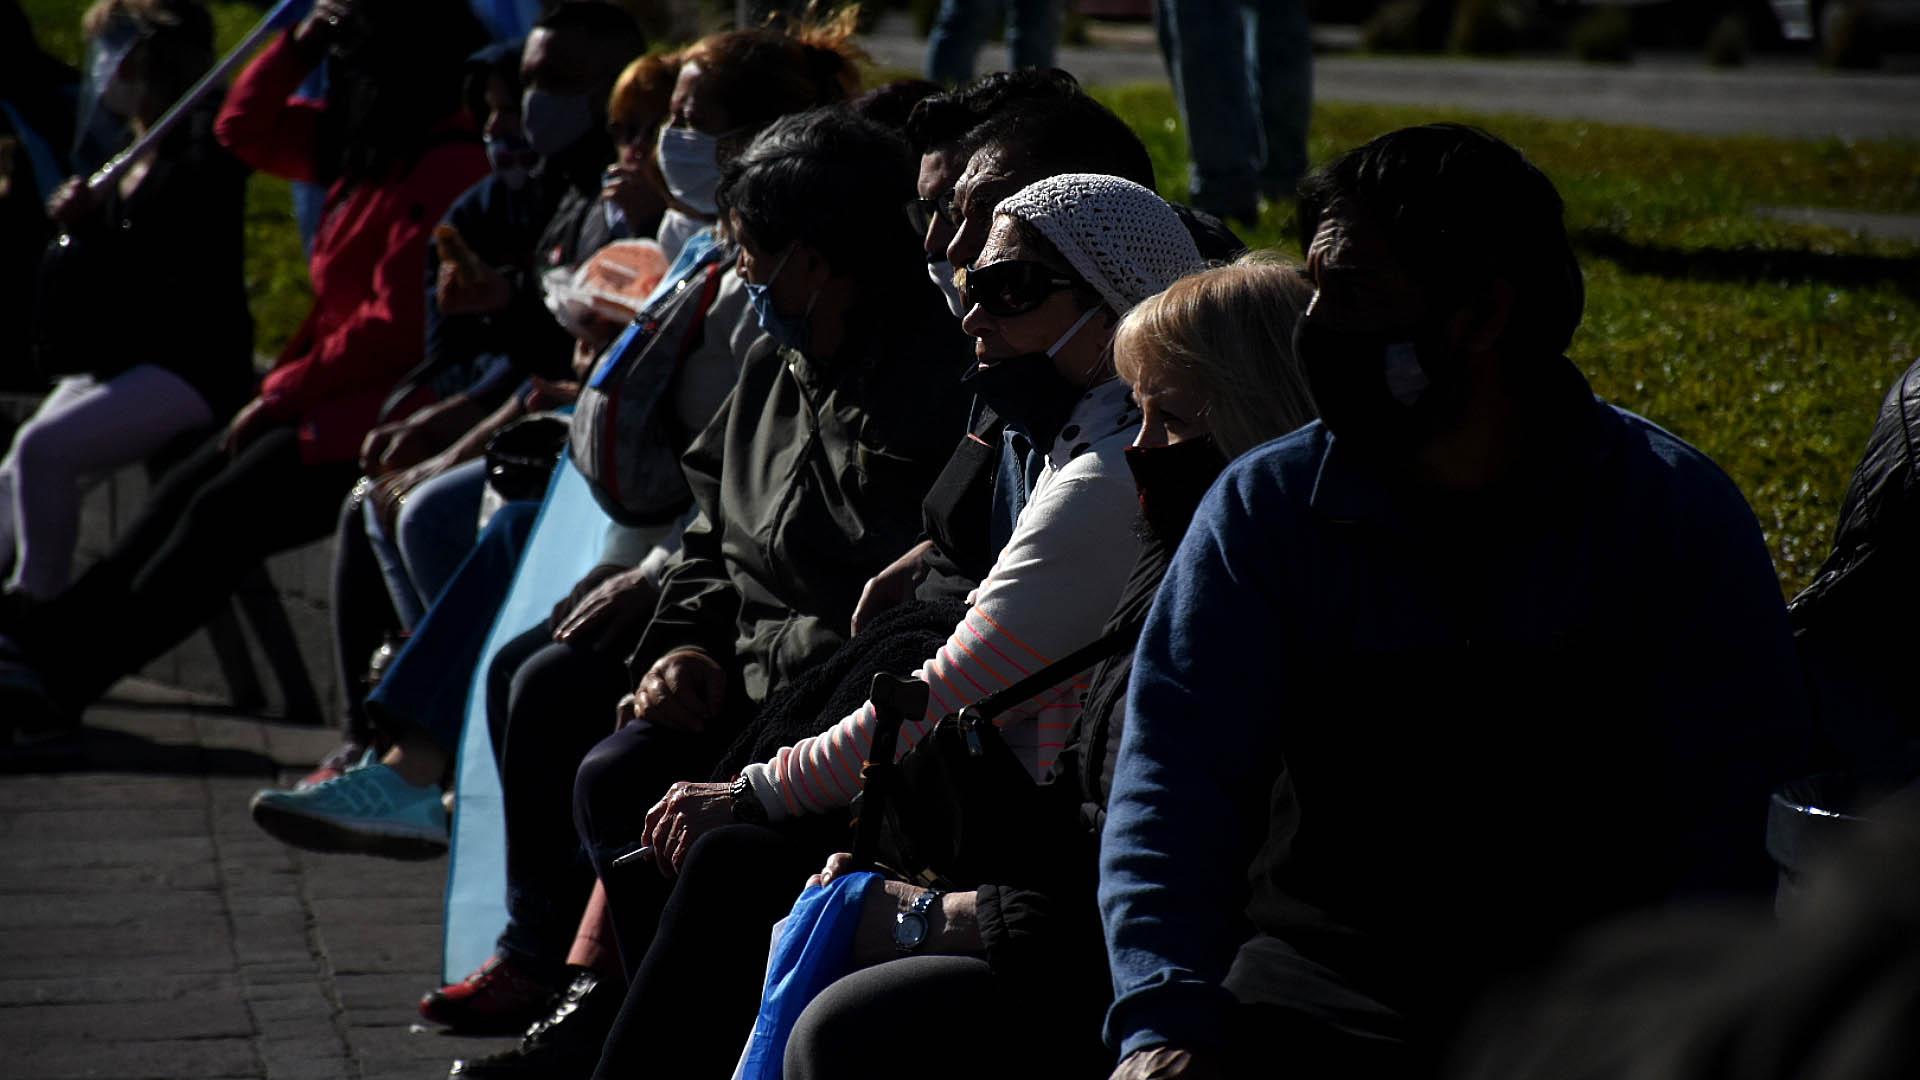 En plena pandemia por el COVID-19, distancia social cero: así se vio a los manifestantes, sentados uno al lado del otro, en la Plaza de la República del Obelisco.